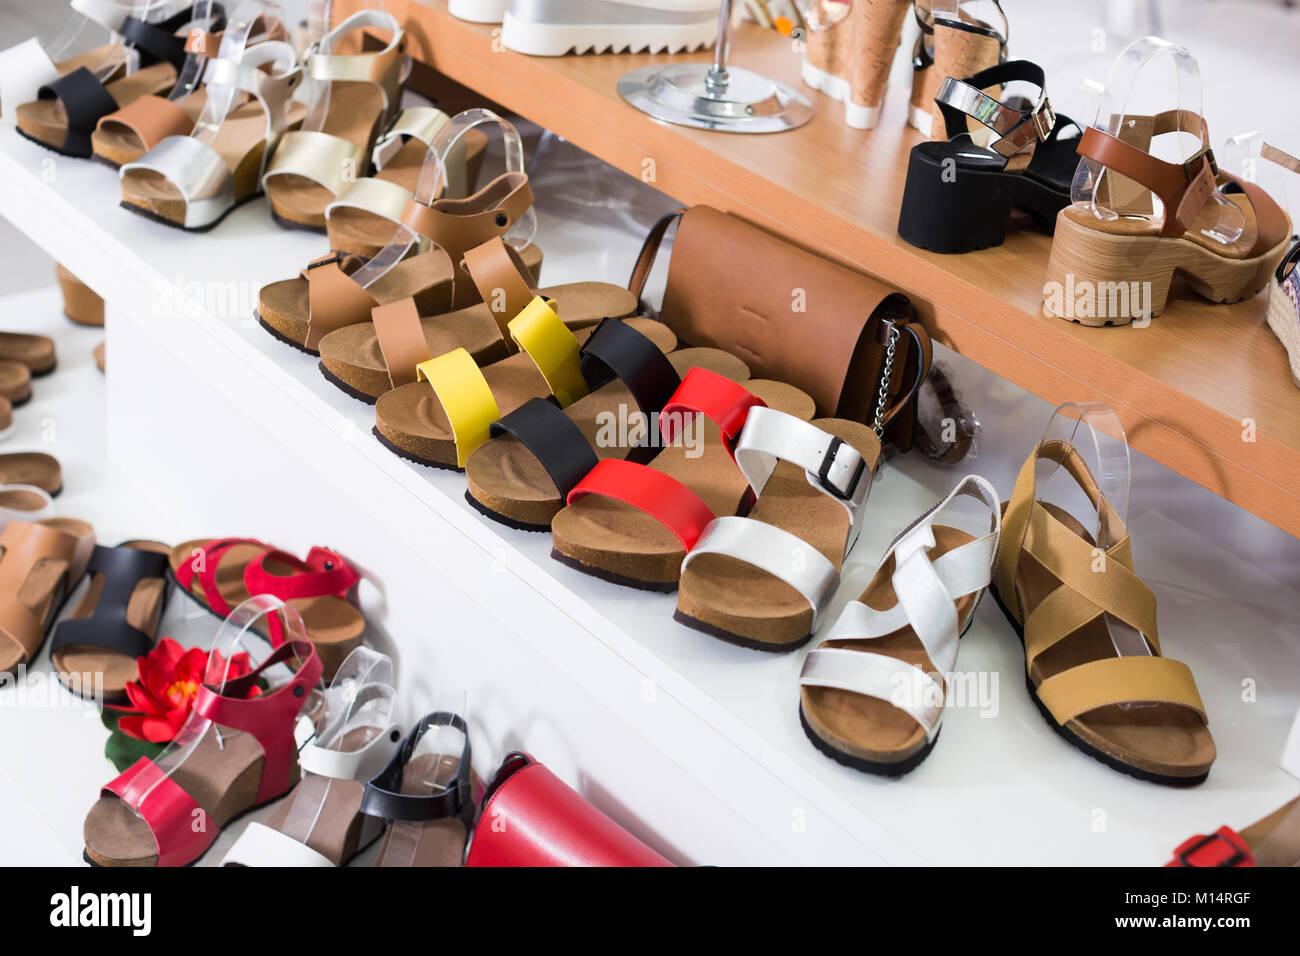 buy online bf785 08a4f Immagine della vetrina con scarpe estive nel negozio ...